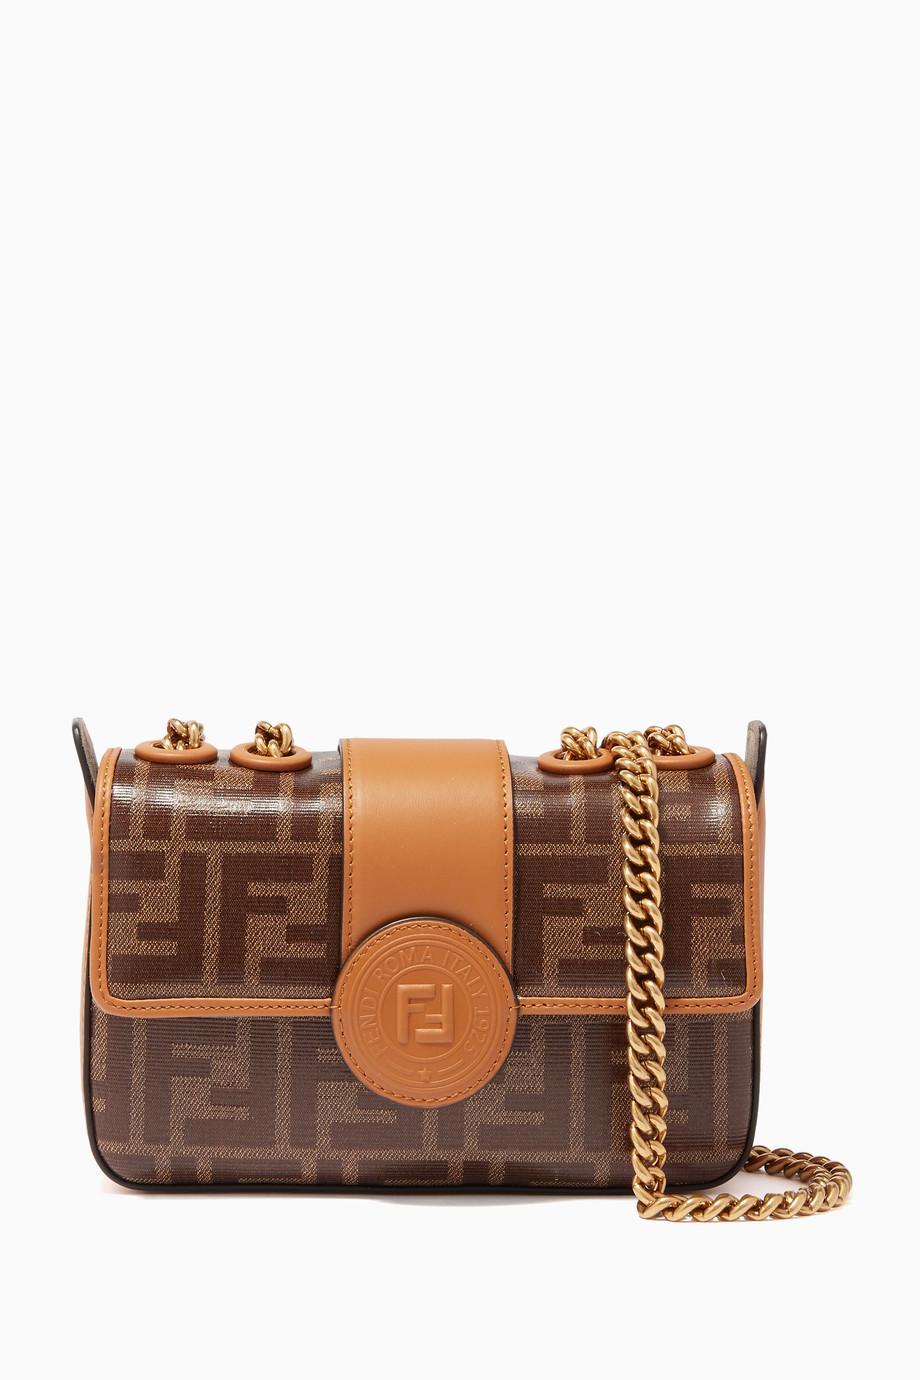 900f535b978 Shop Fendi Brown Brown Logo Baguette Shoulder Bag for Women ...